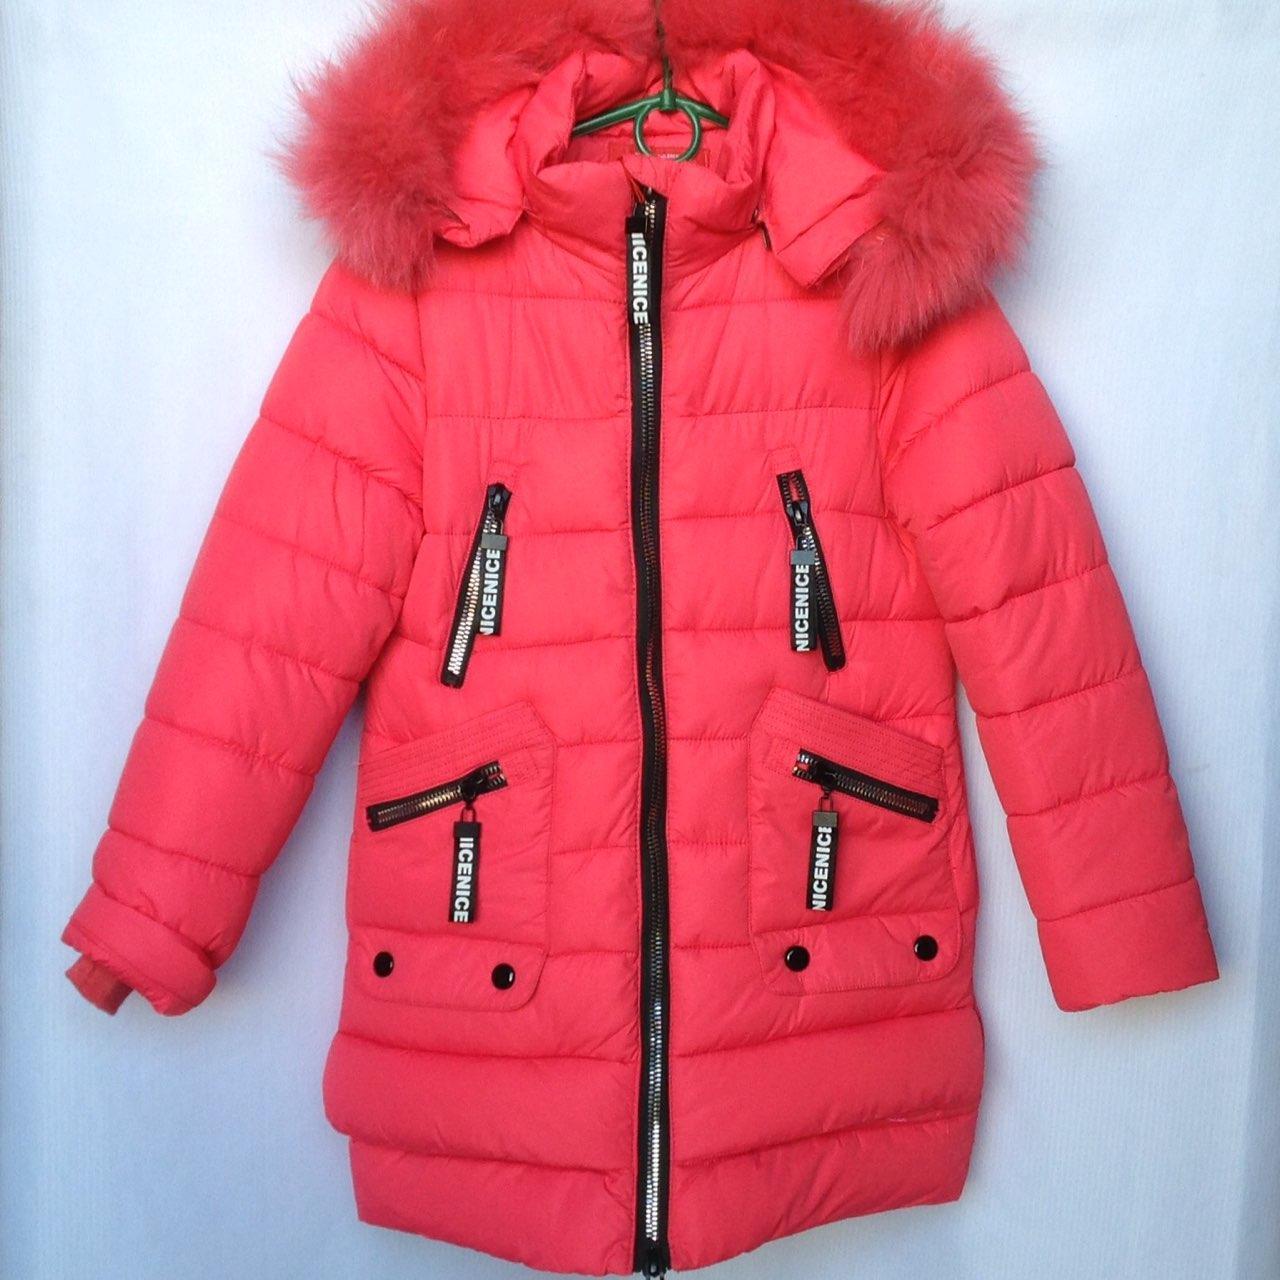 Куртка подростковая зимняя MNK #6014 для девочек. 134-158 см (9-13 лет). Коралловая. Оптом.